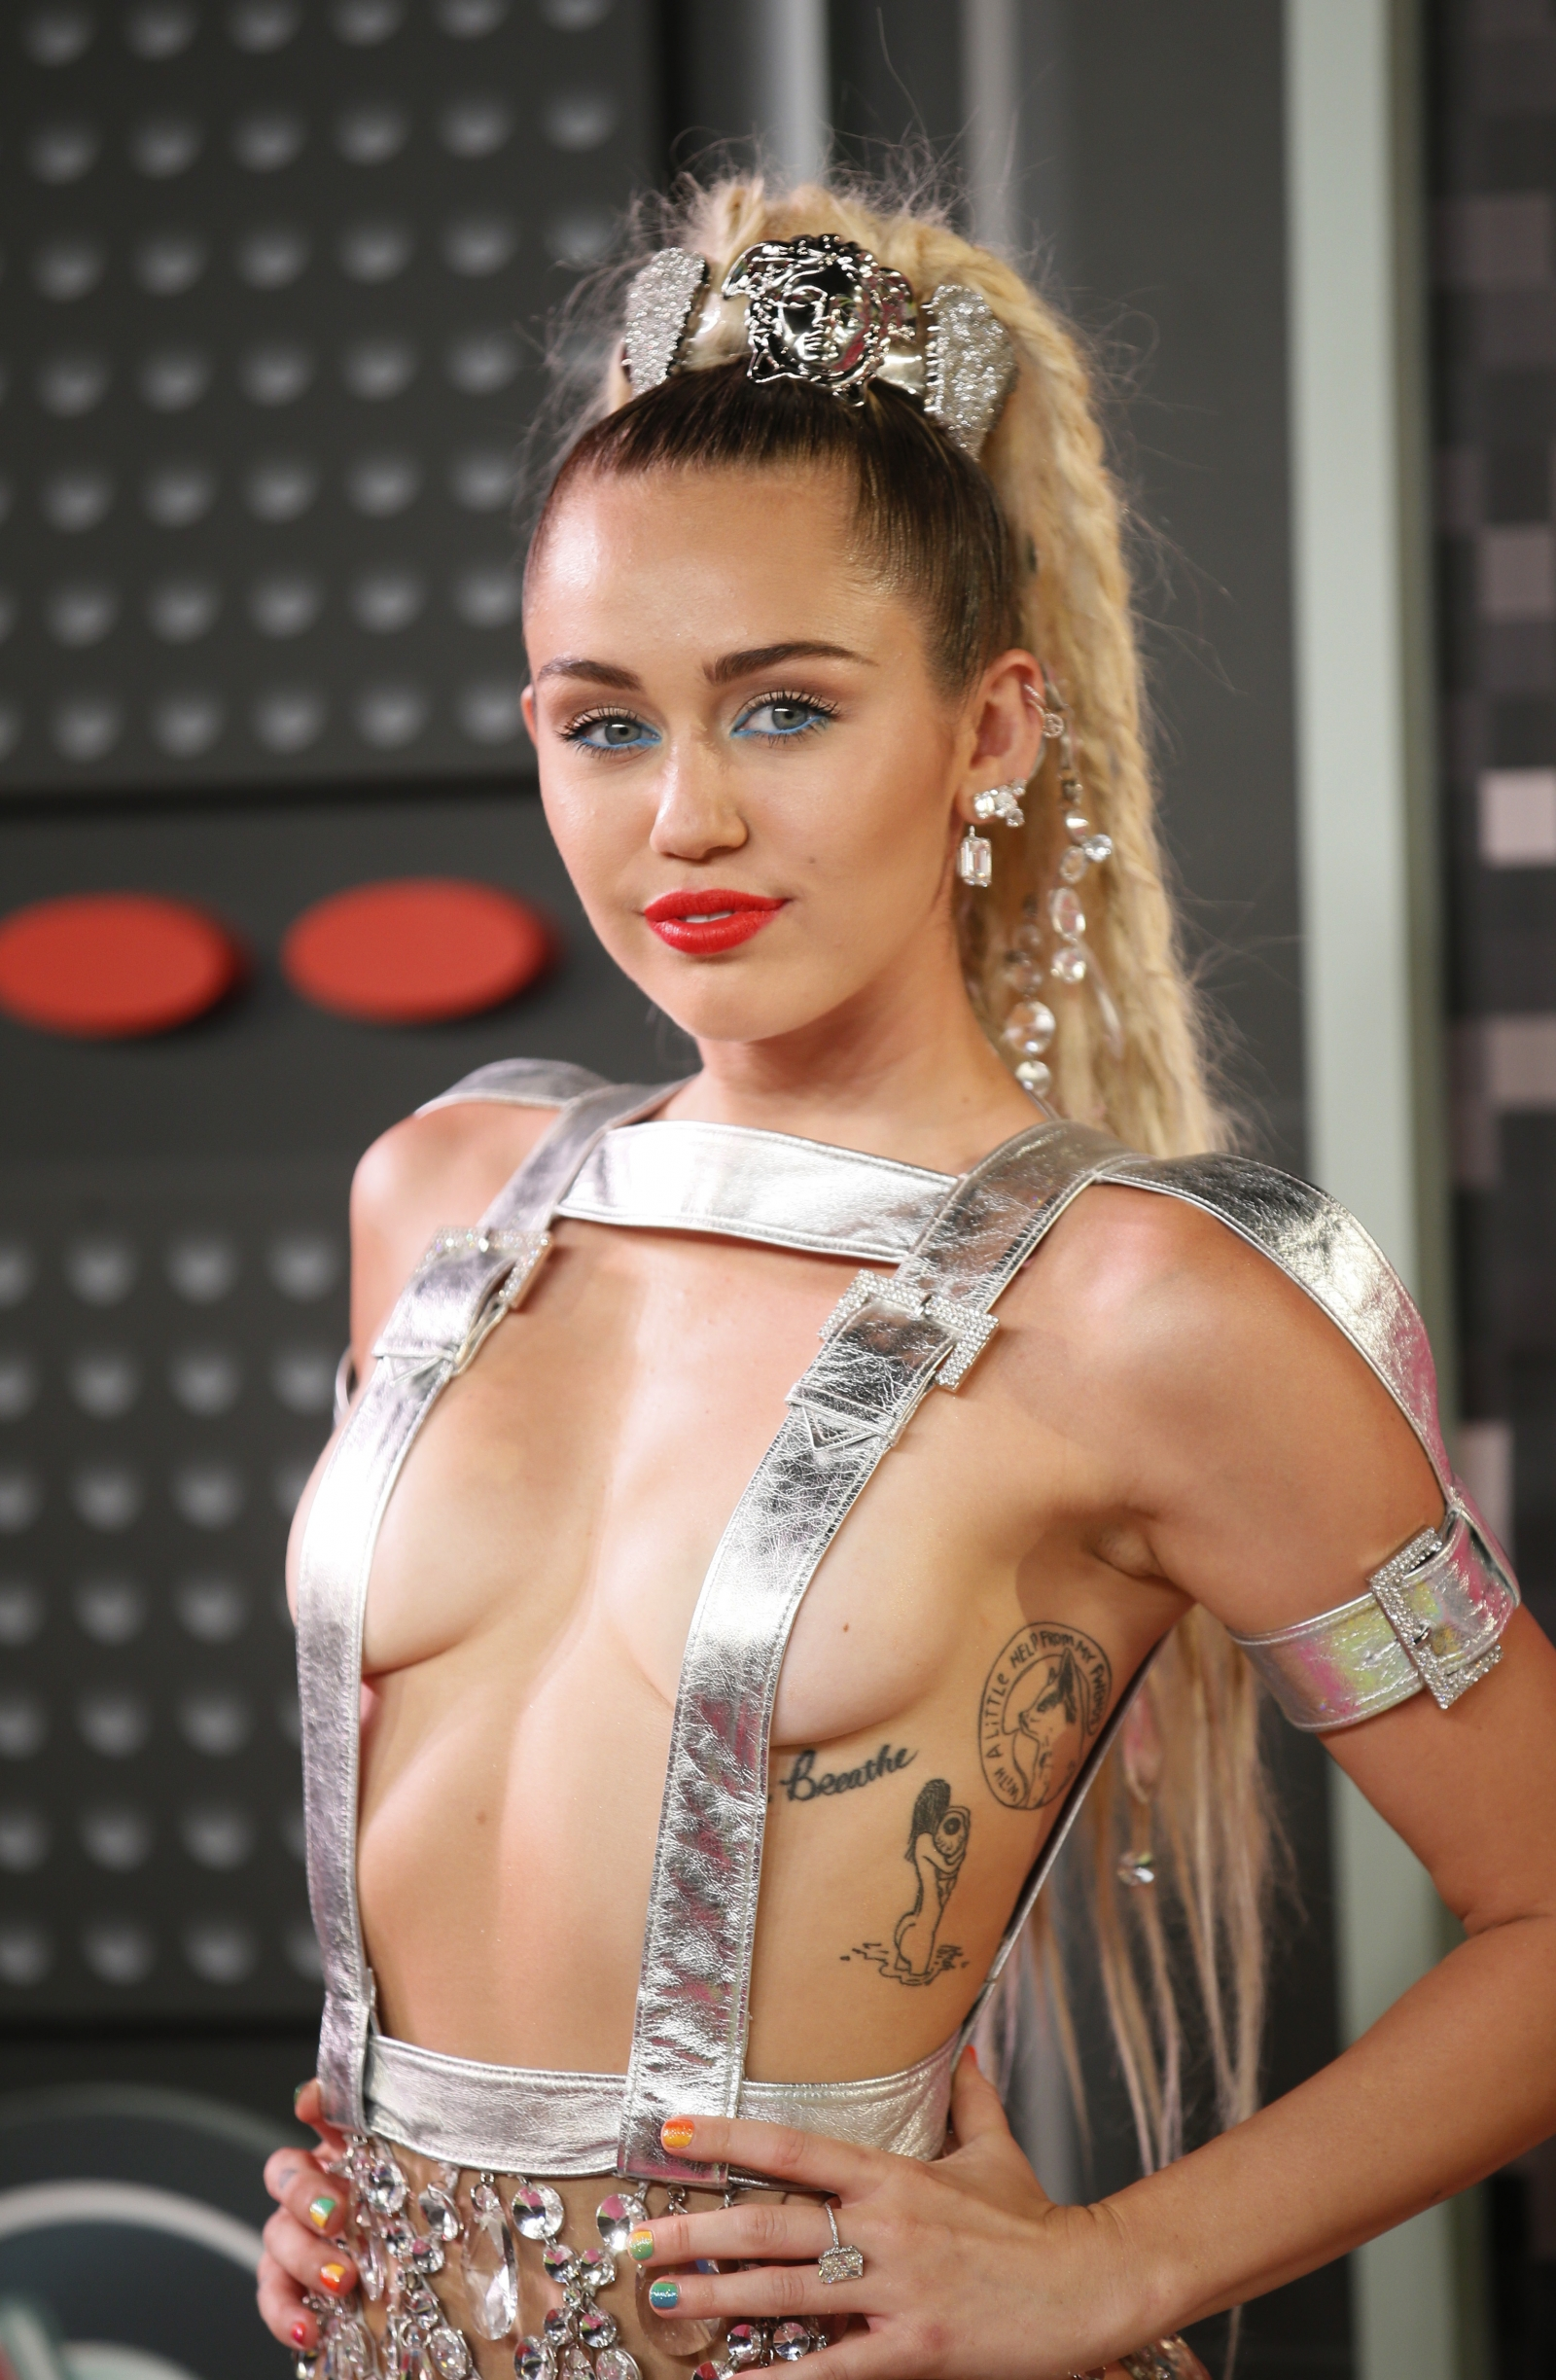 Having miley sex nude cyrus